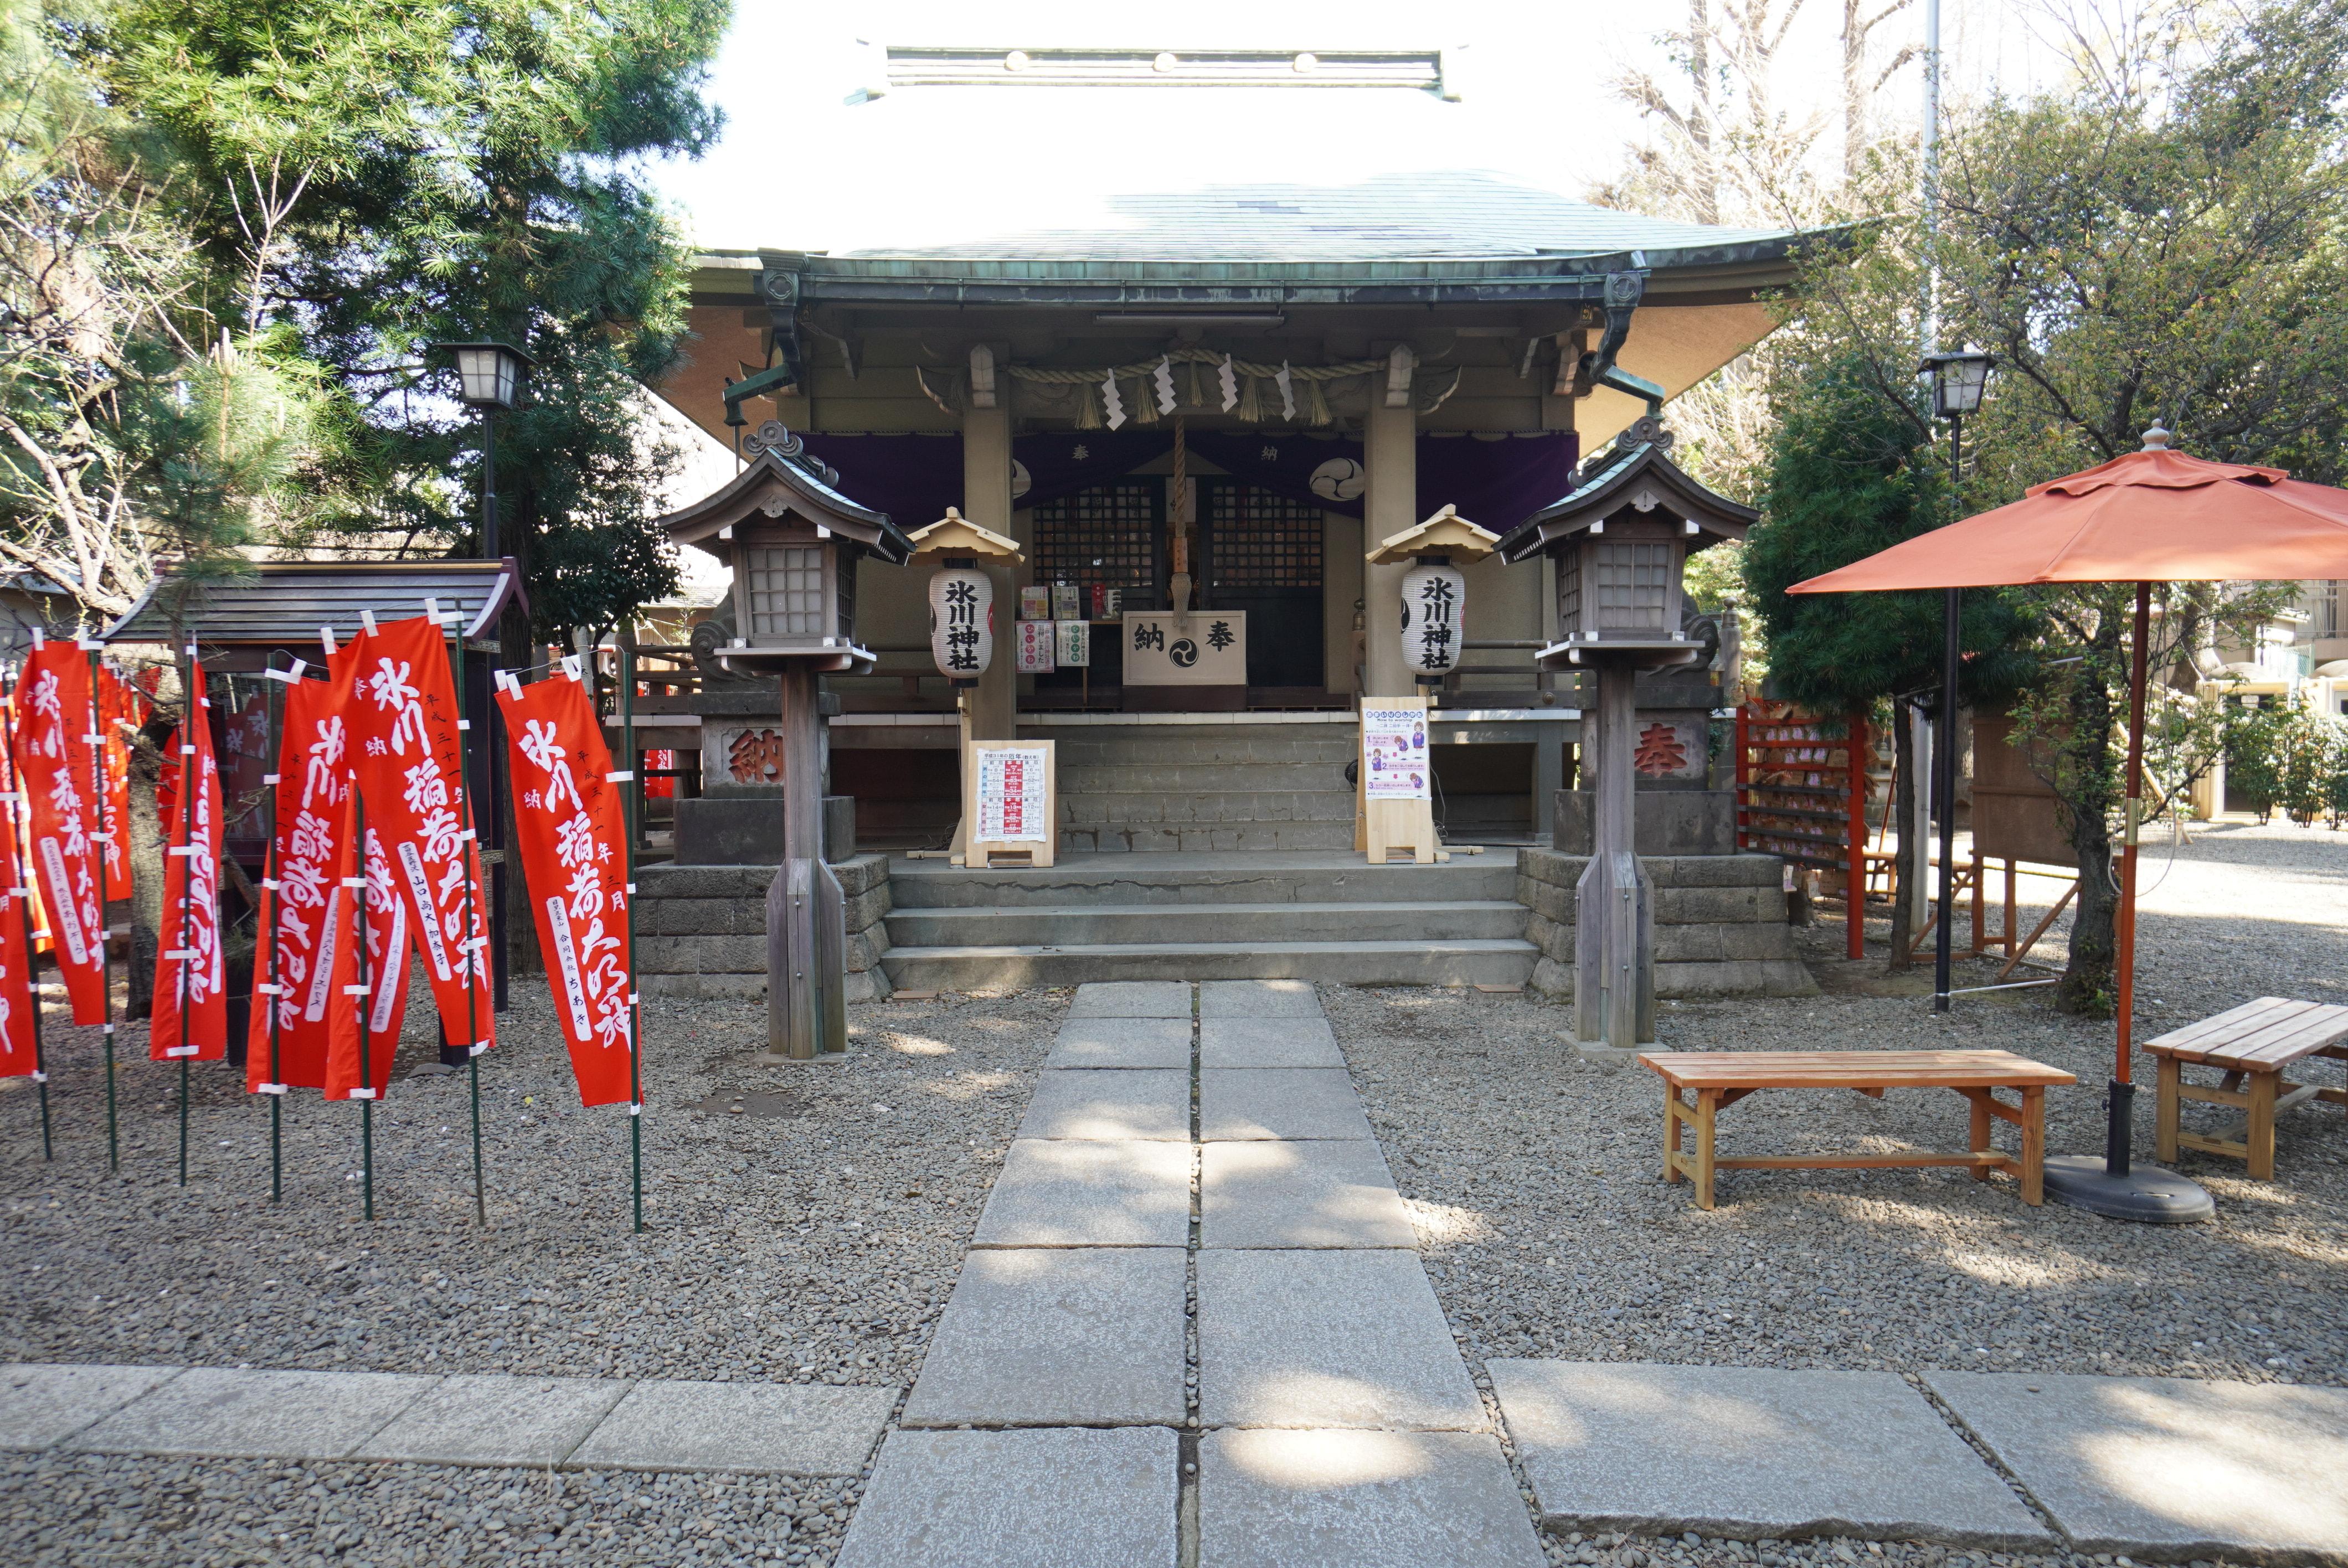 上目黒氷川神社の社殿(本殿)